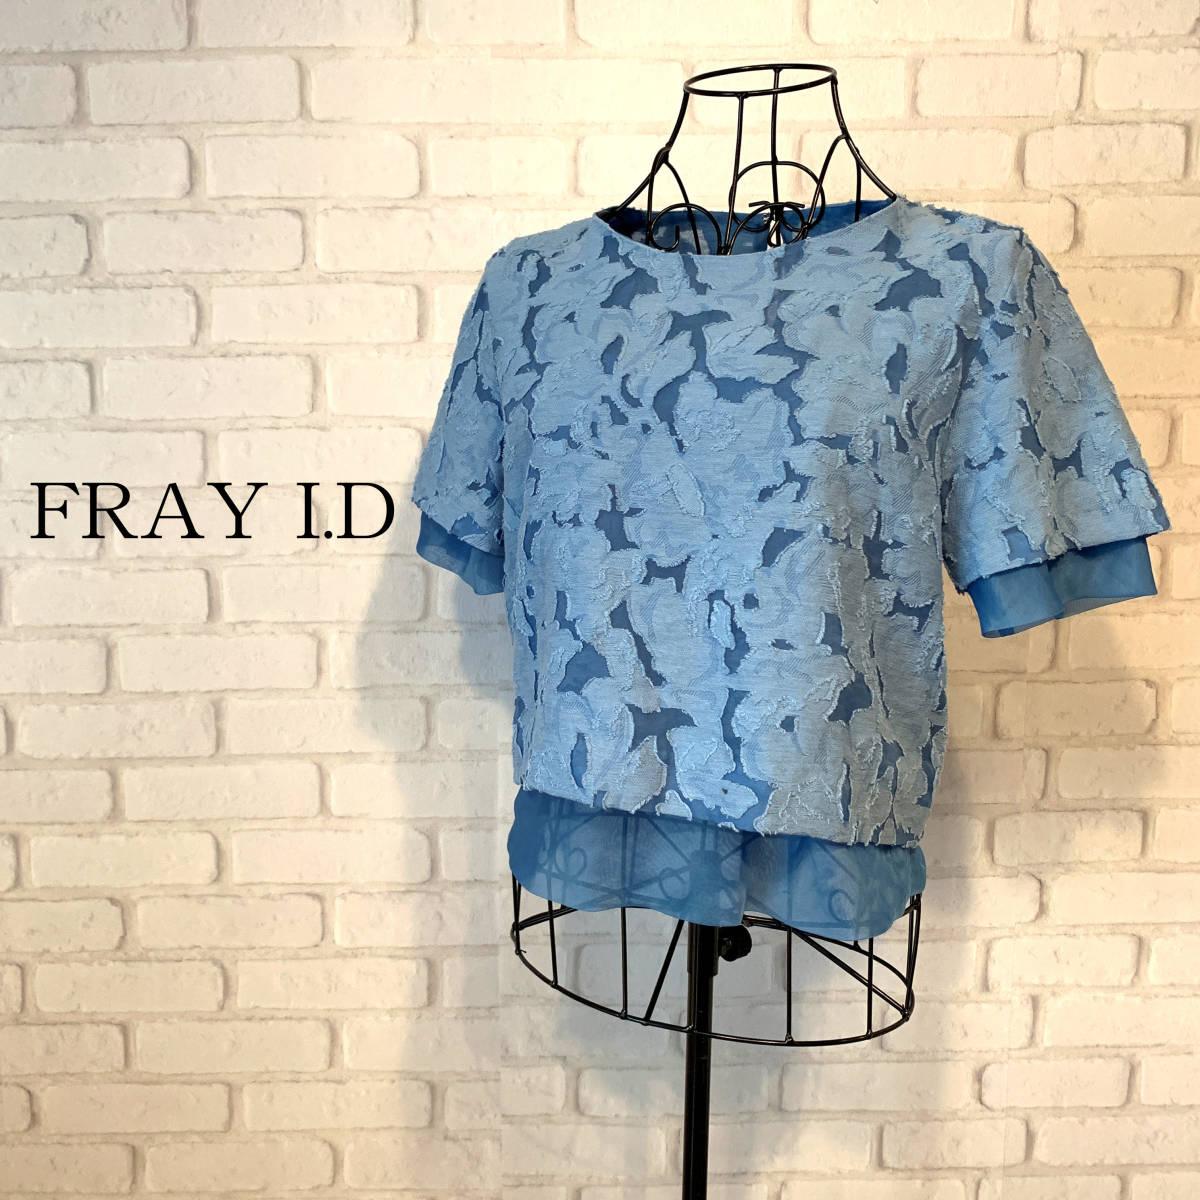 FRAY I.D フレイアイディー レースブラウス ブルー 1 FWFB152718